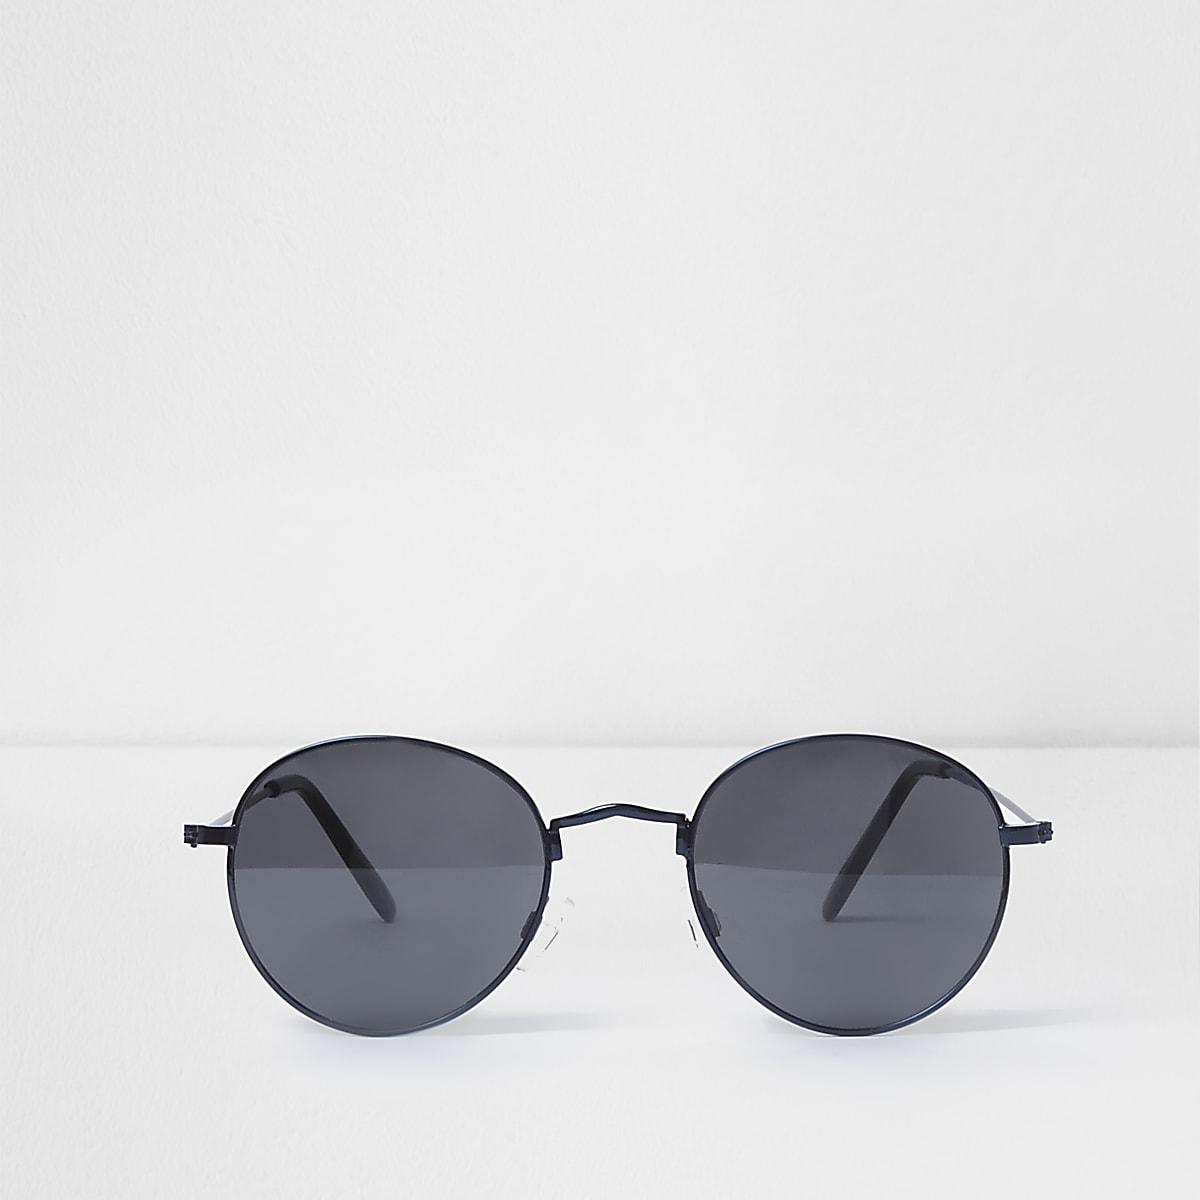 Blue round retro smoke lens sunglasses